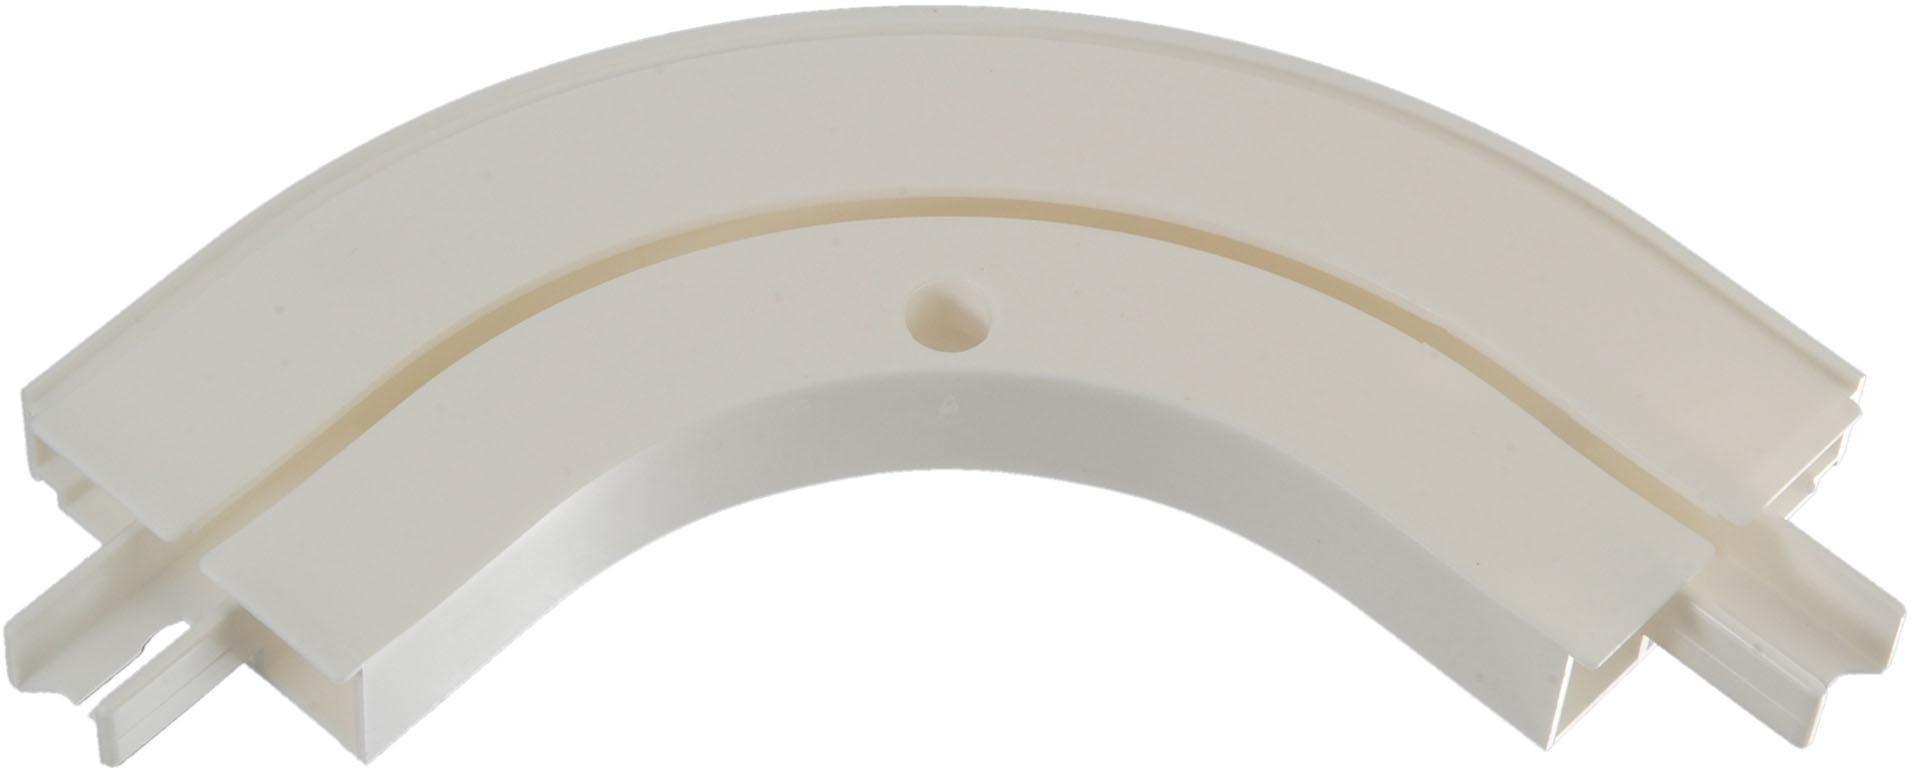 Erker-Außenbogen, Liedeco, für 1-läufige Gardinenschienen (1 Stück)